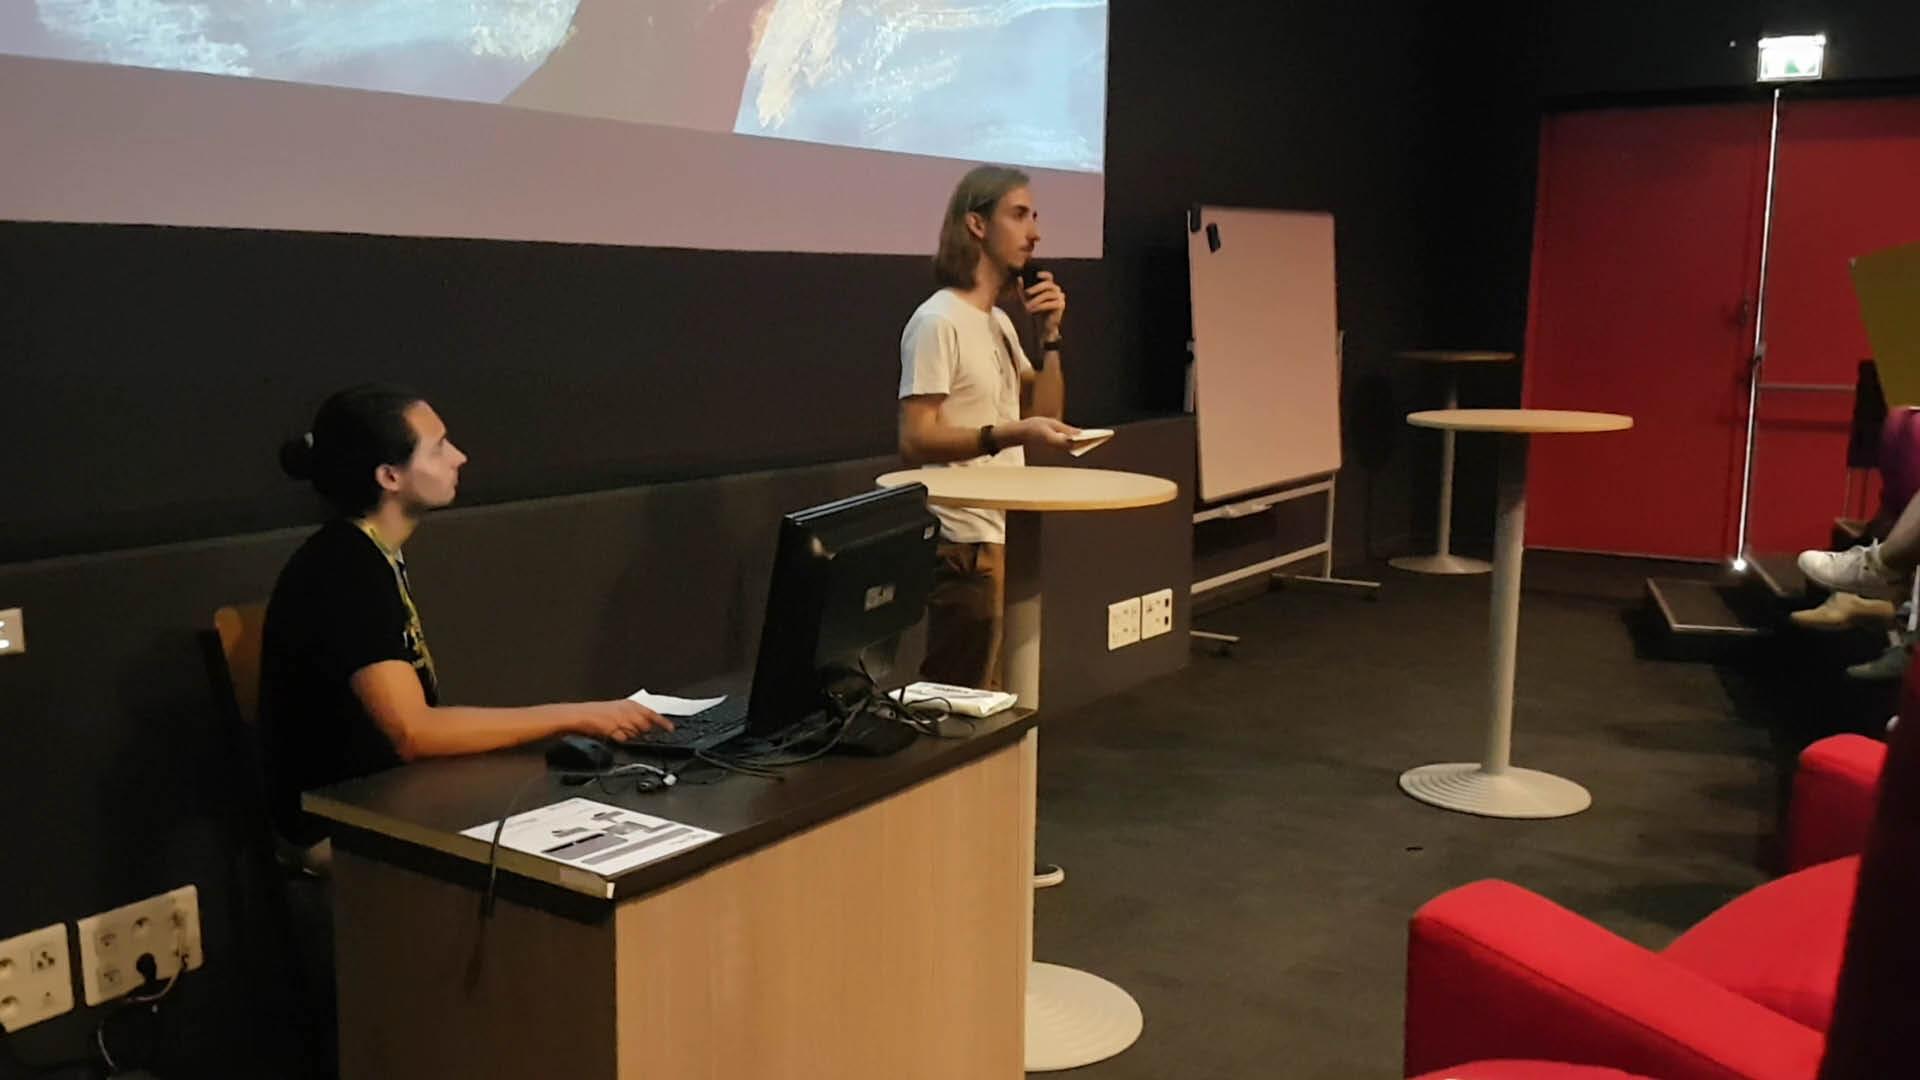 Rémi Portes Narrieu présentant son projet au Cartoon Forum 2019